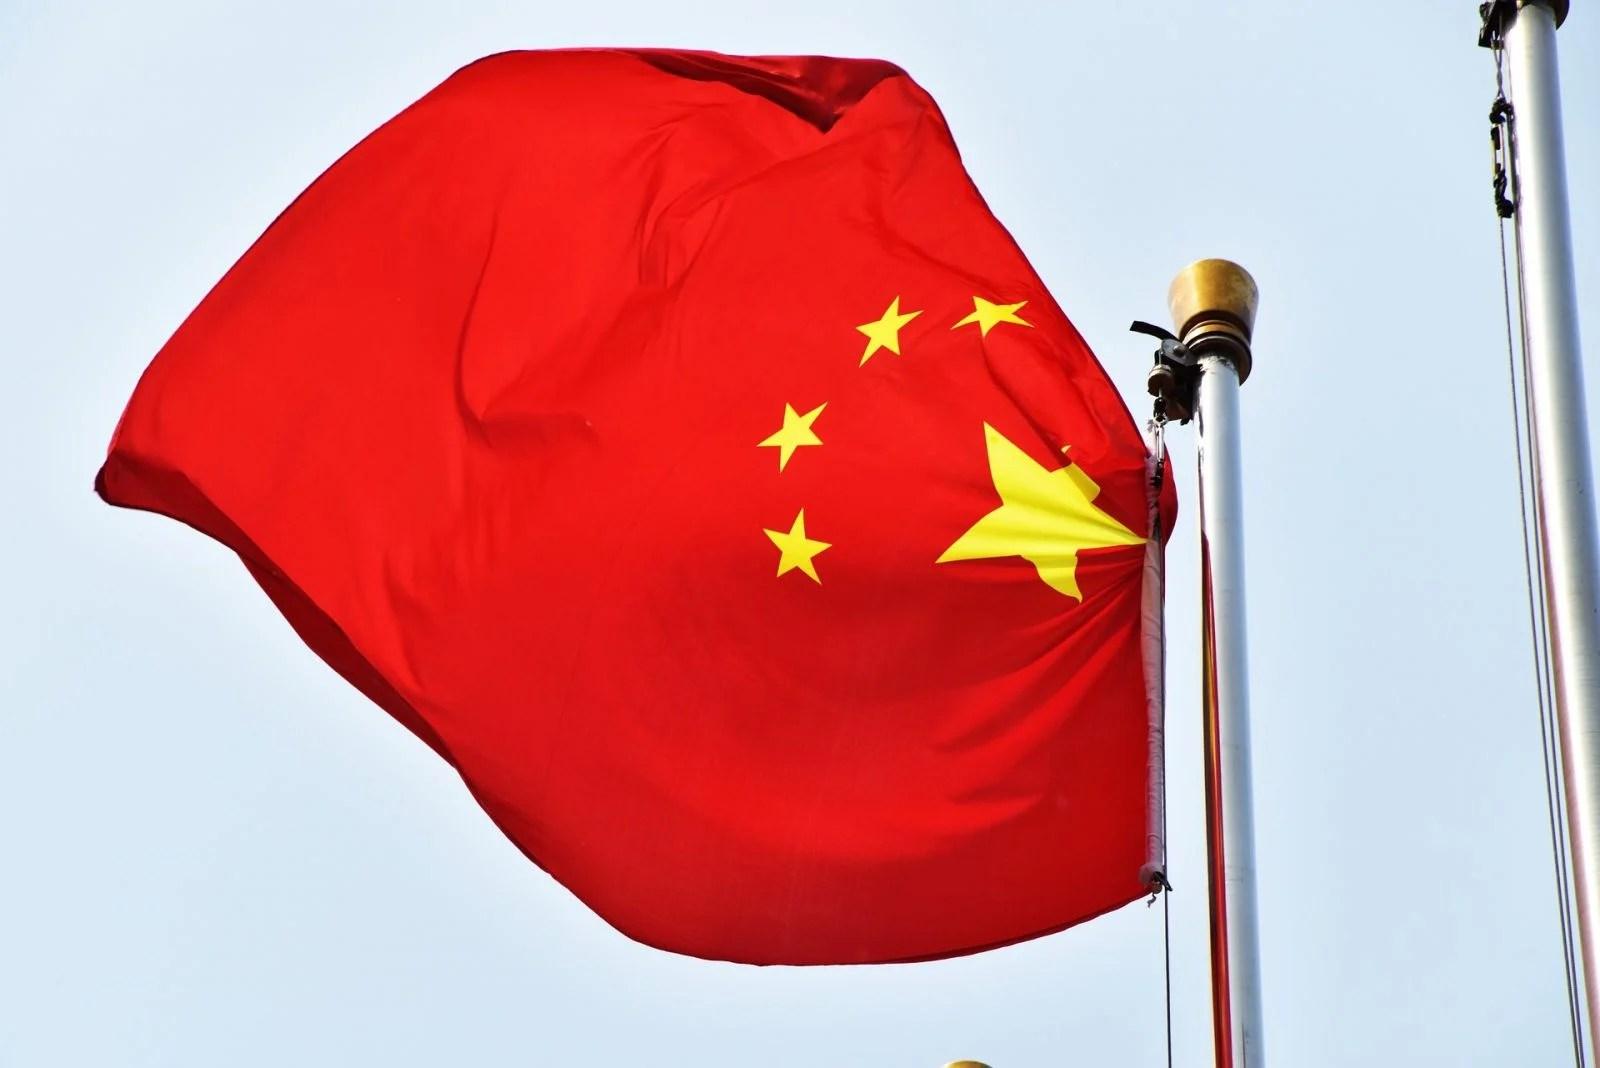 Affaire Huawei : la Chine prête à riposter en privant les USA de matières premières